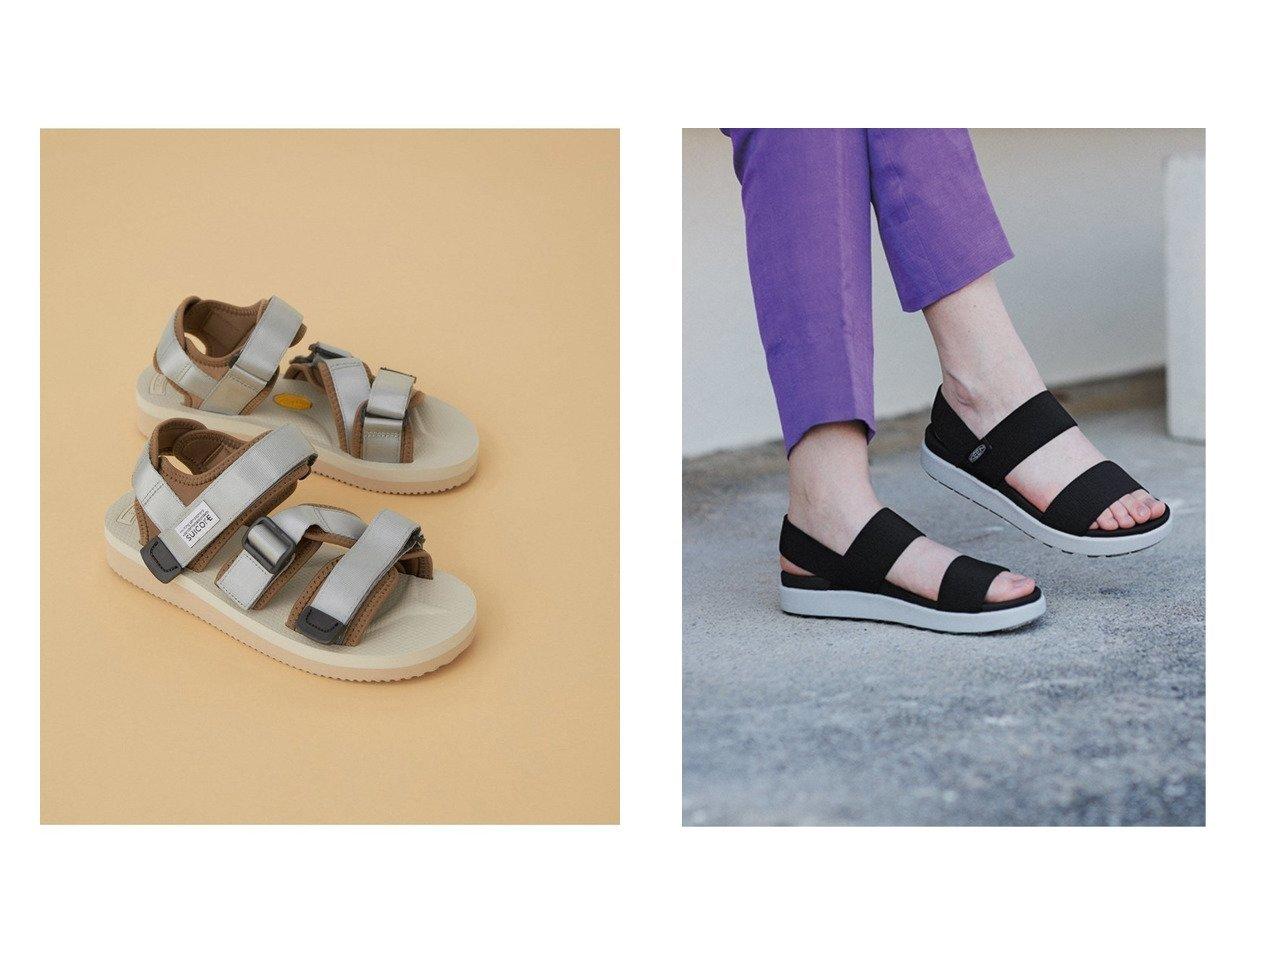 【KEEN/キーン】の(WOMEN)ELLE BACKSTRAP&【ADAM ET ROPE'/アダム エ ロペ】の【SUICOKE】KISEE-V 【シューズ・靴】おすすめ!人気、トレンド・レディースファッションの通販  おすすめで人気の流行・トレンド、ファッションの通販商品 インテリア・家具・メンズファッション・キッズファッション・レディースファッション・服の通販 founy(ファニー) https://founy.com/ ファッション Fashion レディースファッション WOMEN クッション サンダル シューズ シンプル フィット ミュール 軽量 アウトドア シルバー スポーツ |ID:crp329100000053906